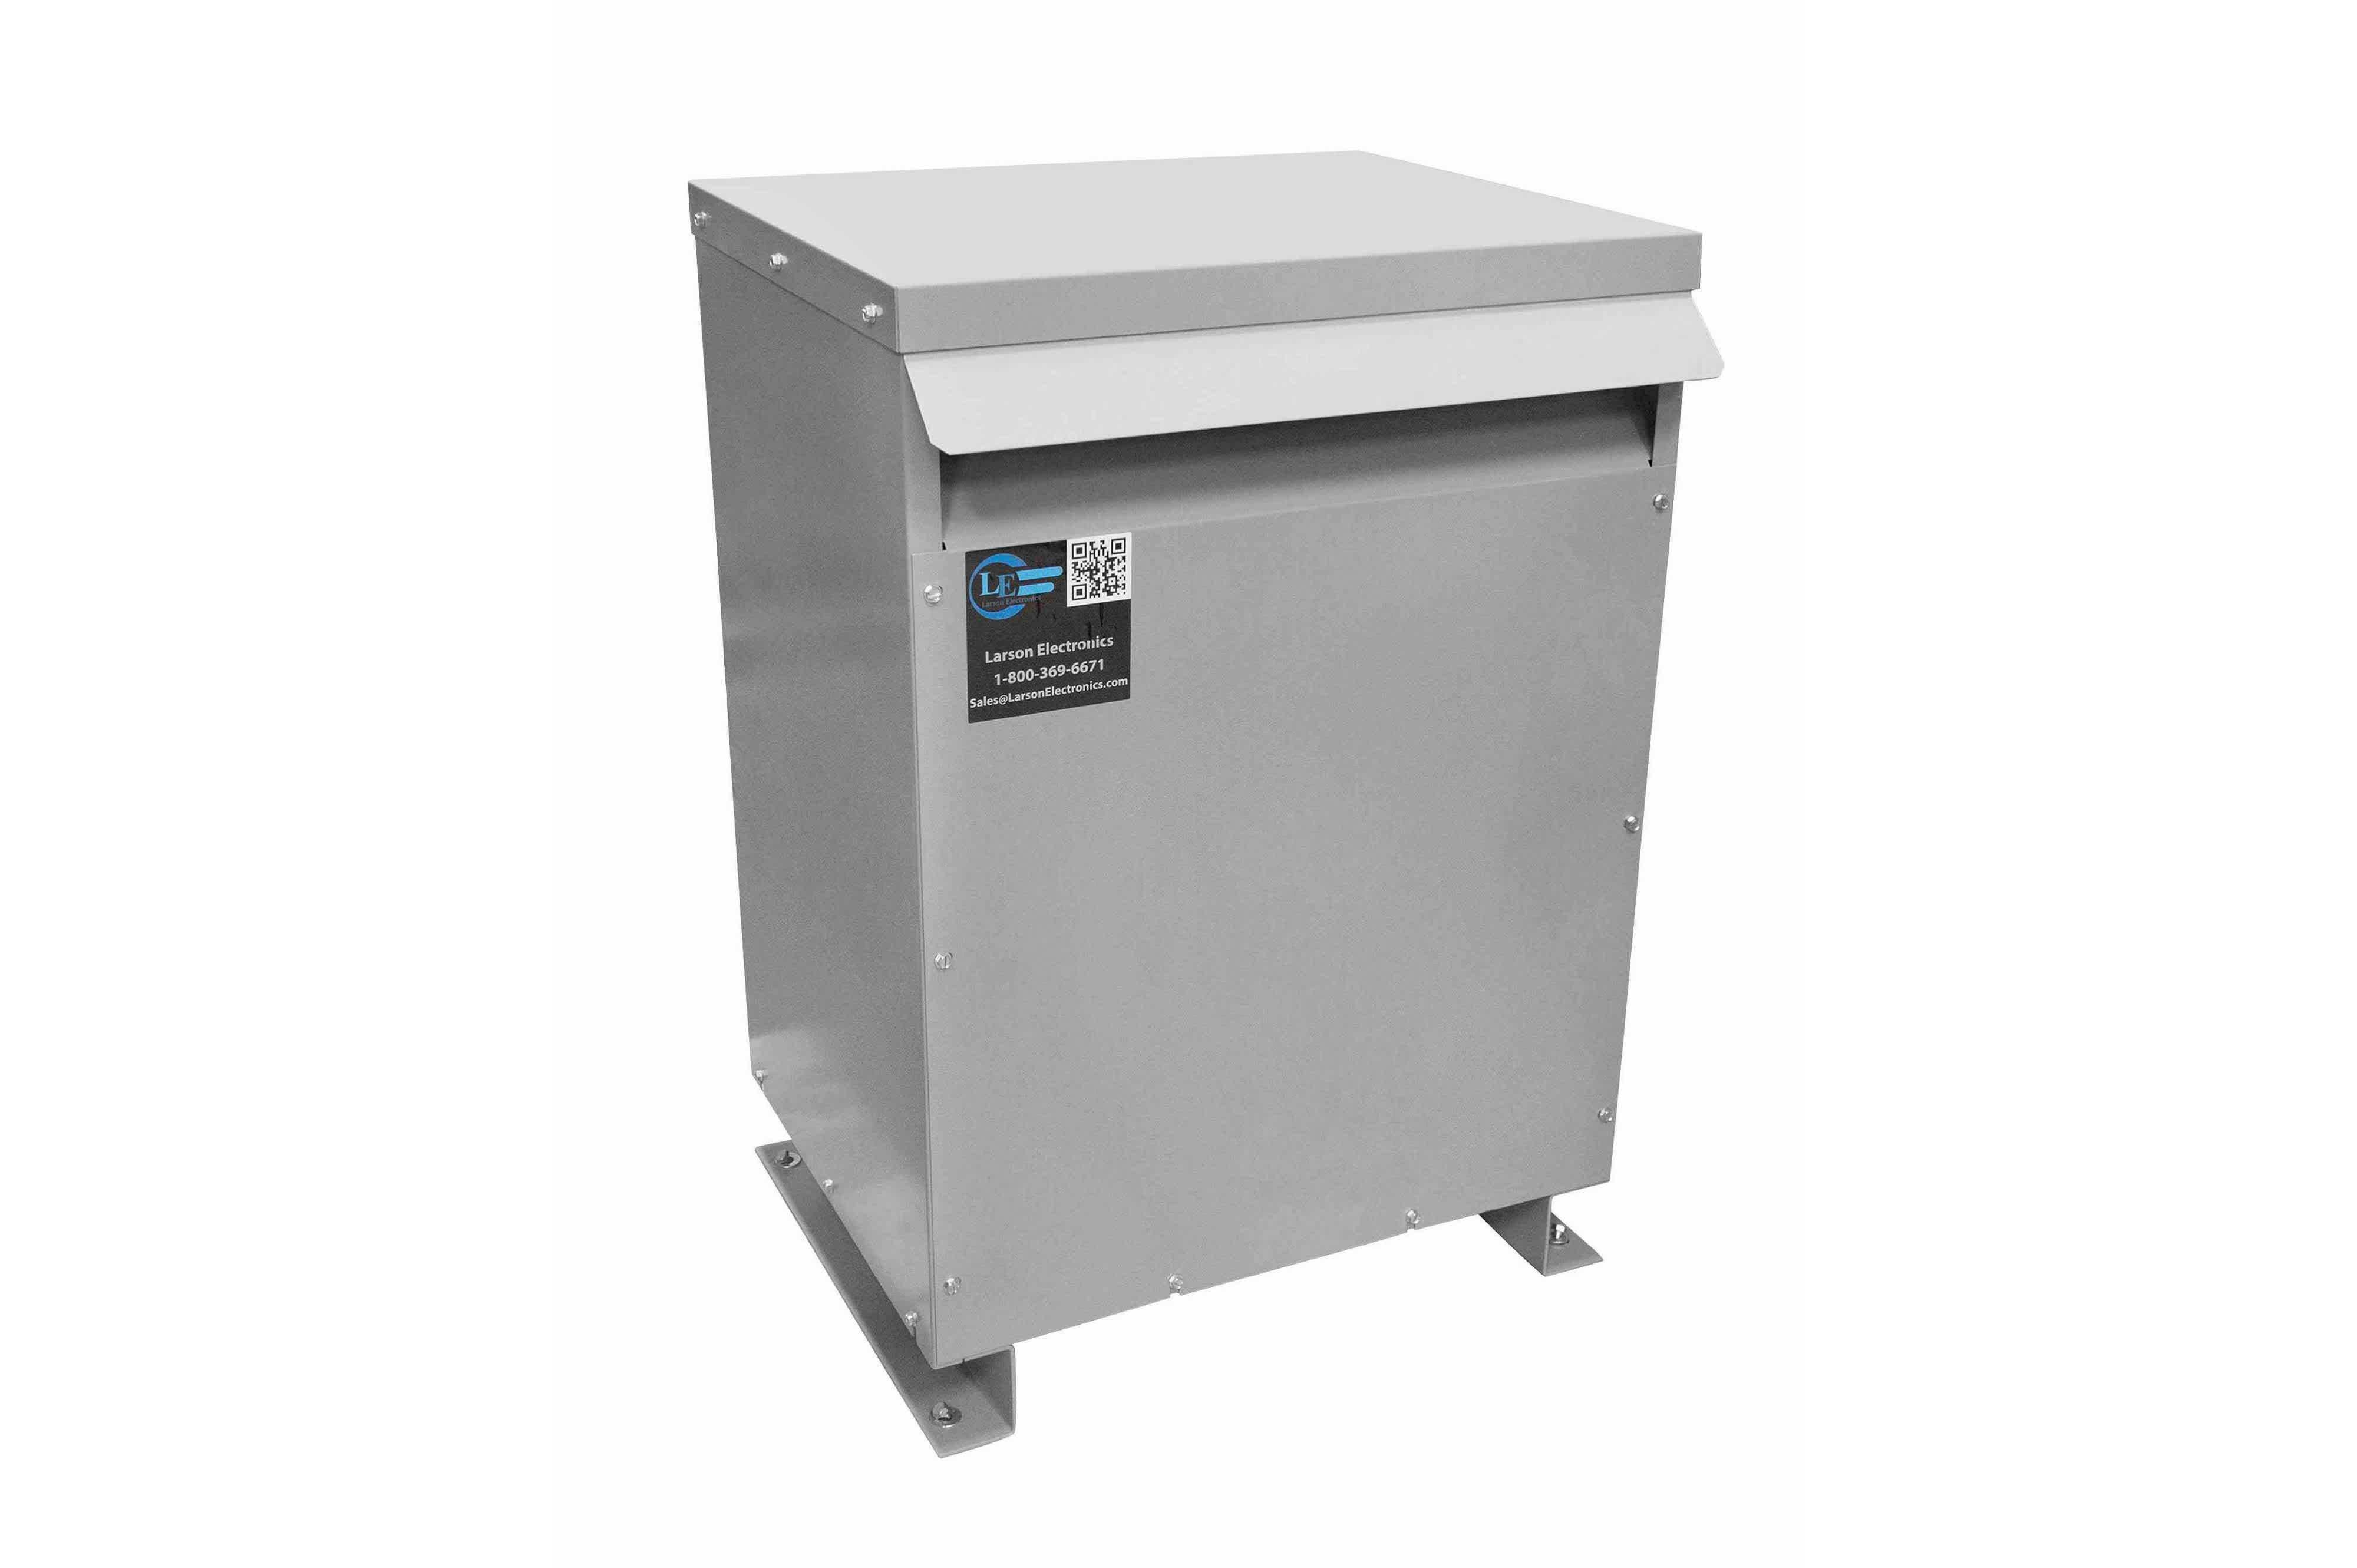 225 kVA 3PH DOE Transformer, 415V Delta Primary, 240V/120 Delta Secondary, N3R, Ventilated, 60 Hz